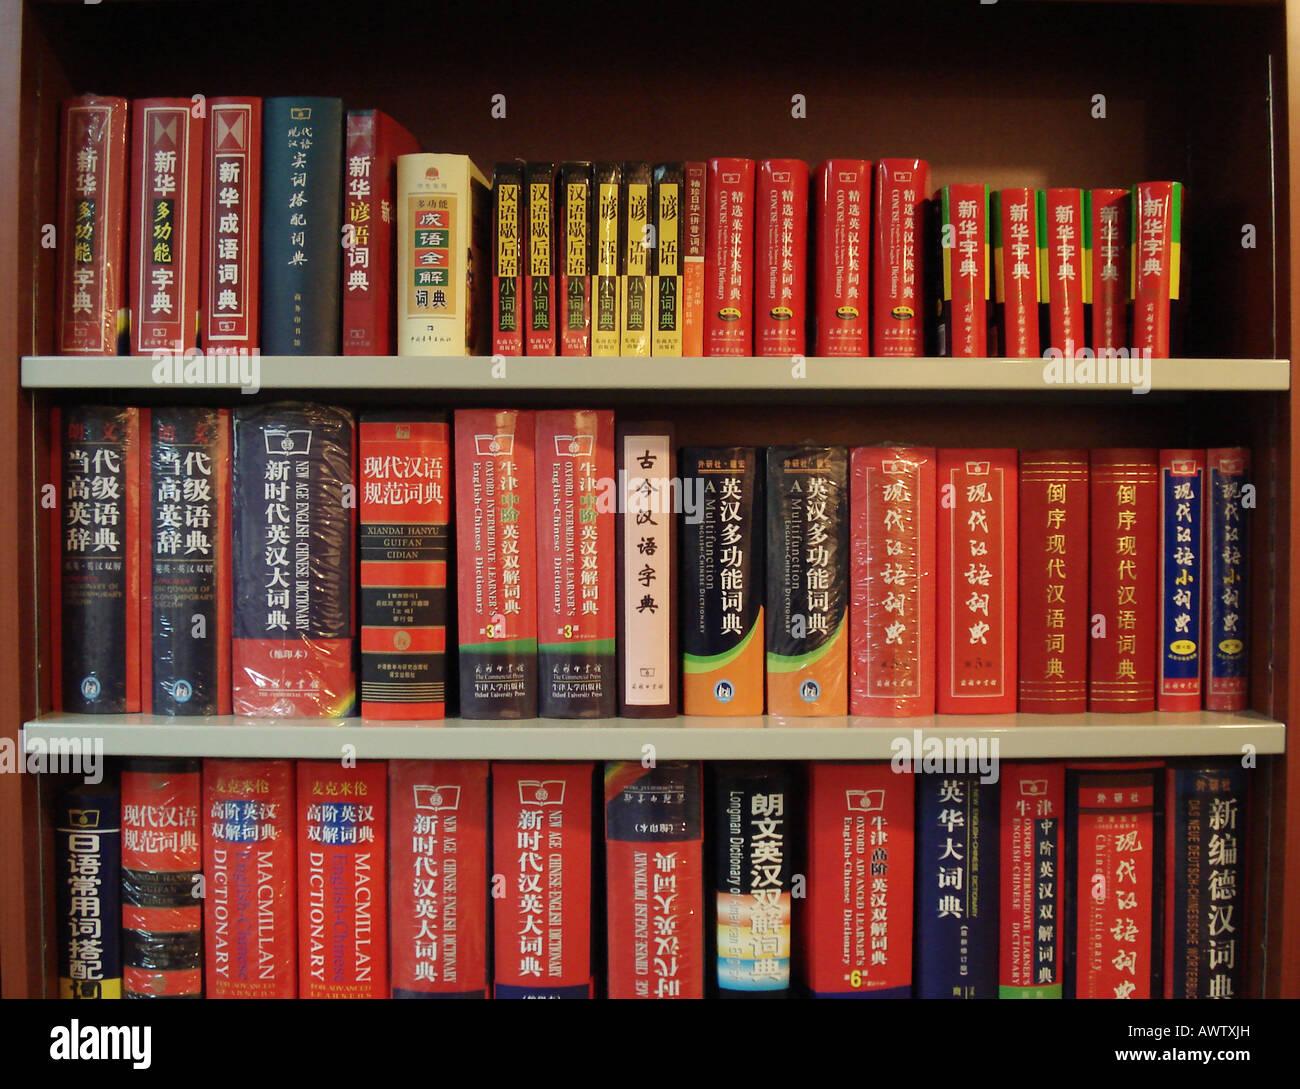 Bookshelf full of chinese language books in china Stock Photo ...